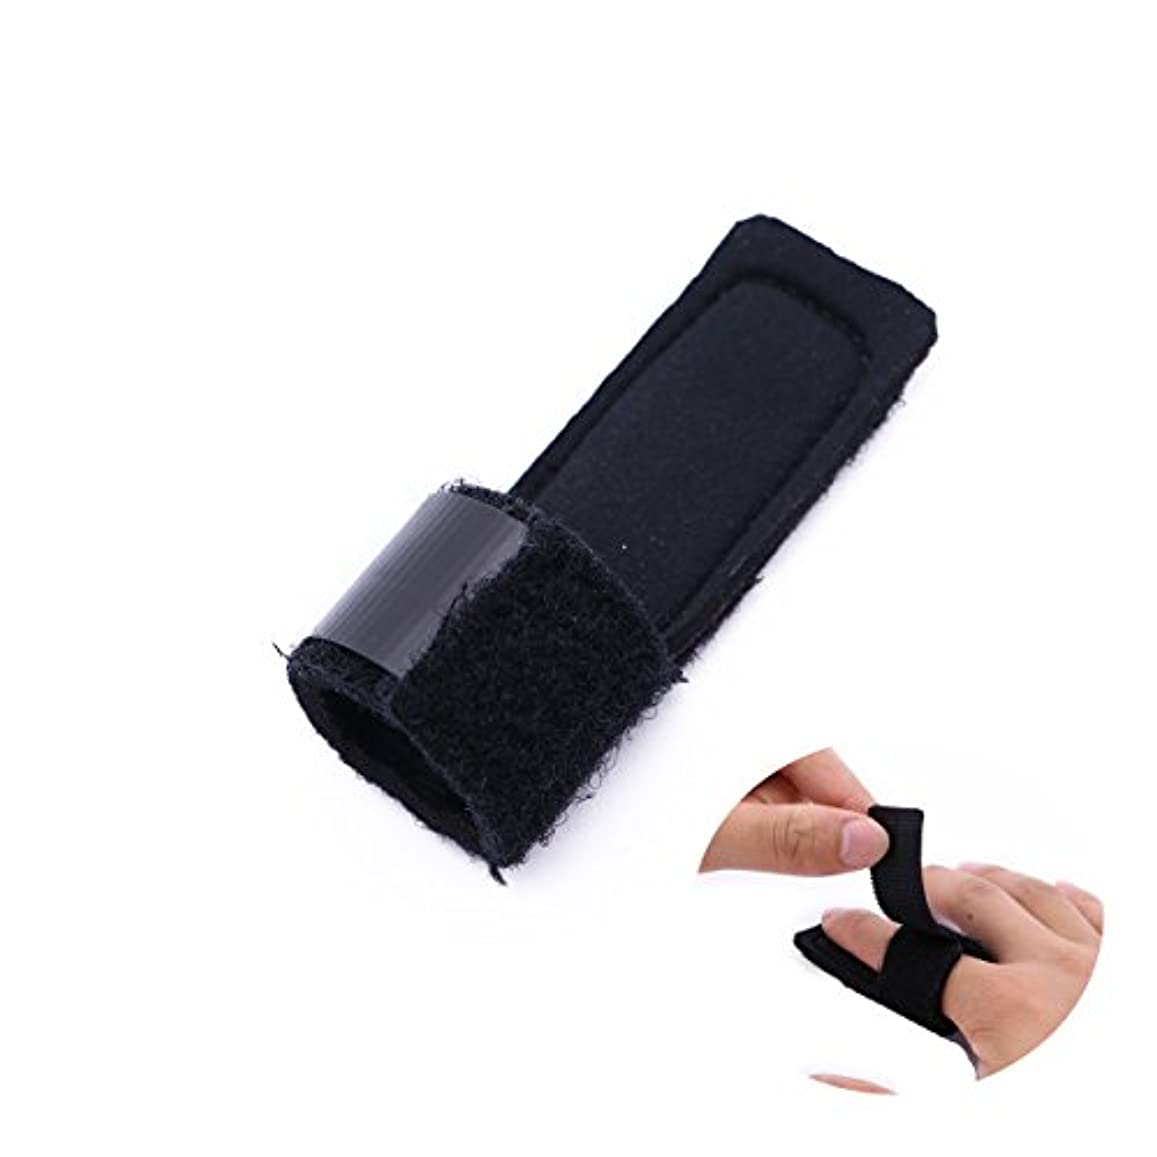 支払う軍ポジションSUPVOX 指の添え木マレット指の支柱の引き金のための骨折の接合箇所の添え木プロテクター